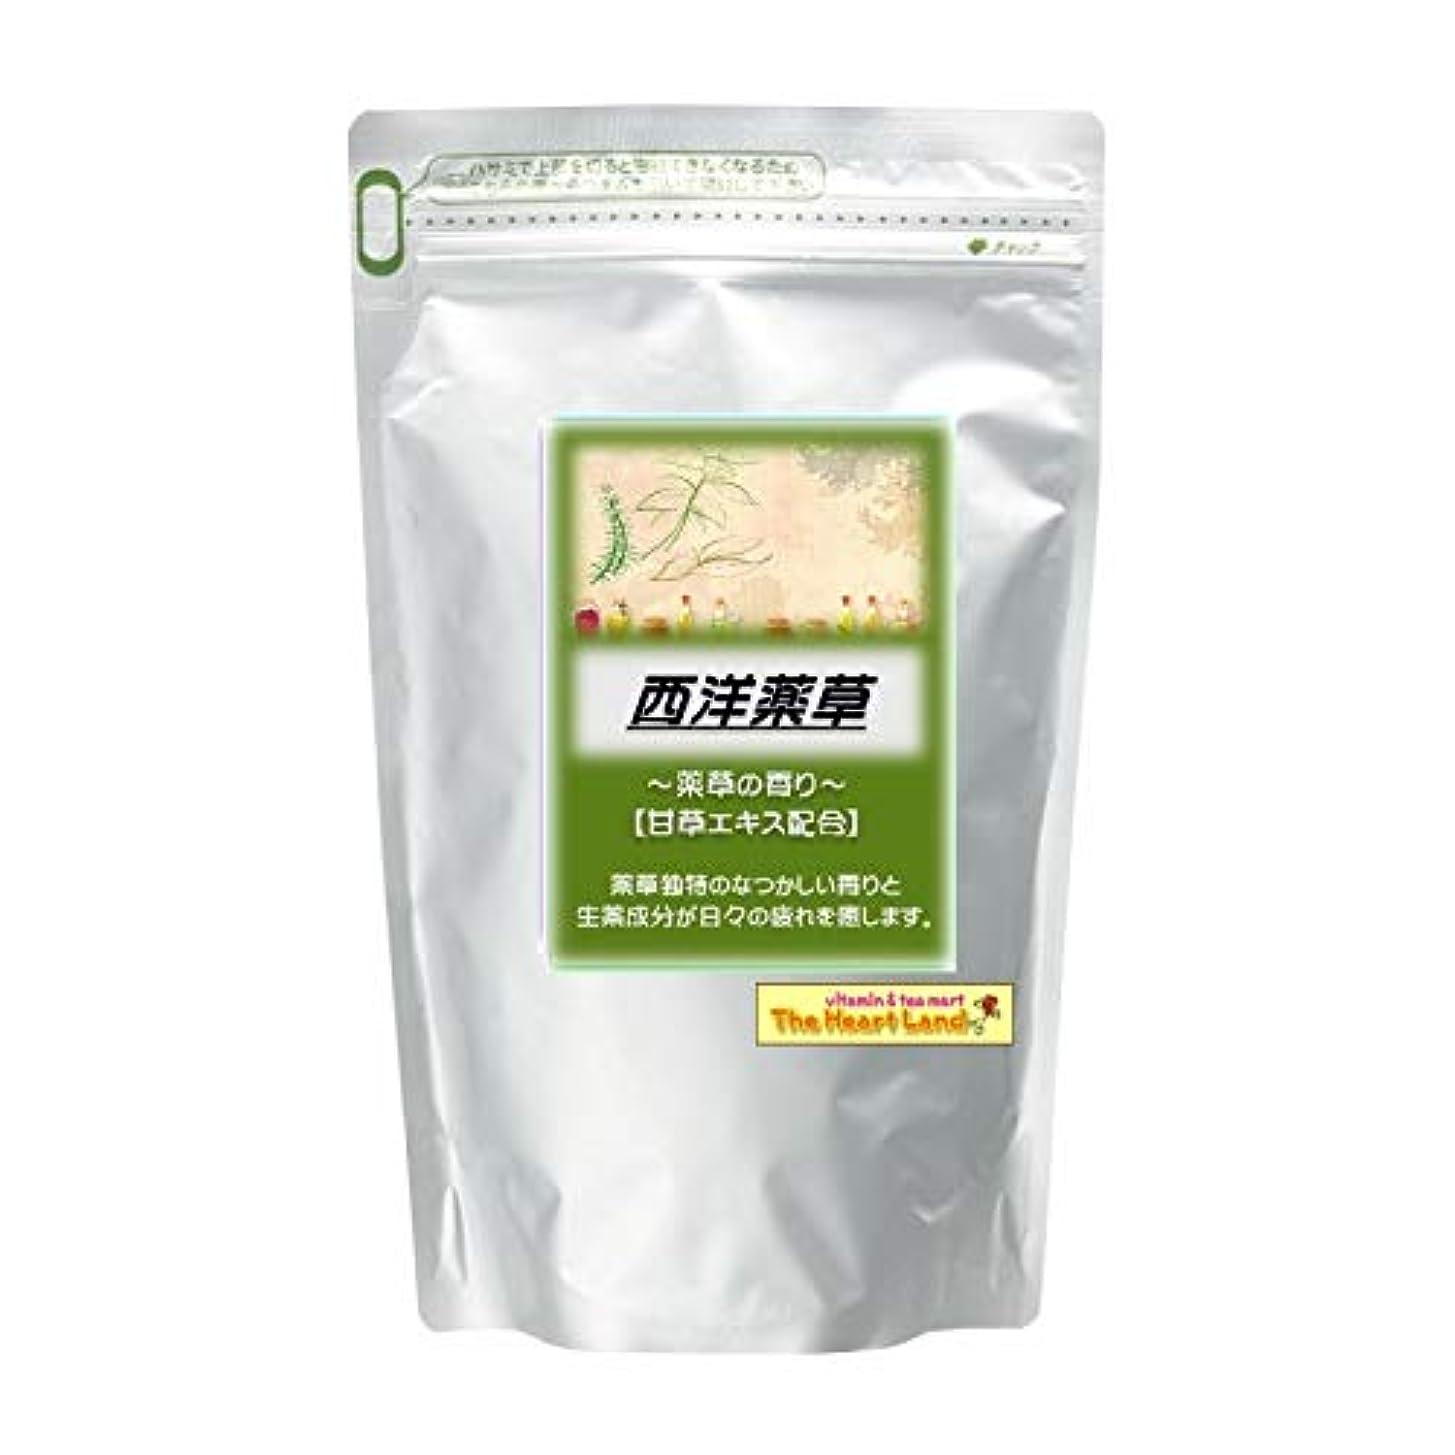 配送仕立て屋悪化するアサヒ入浴剤 浴用入浴化粧品 西洋薬草 300g